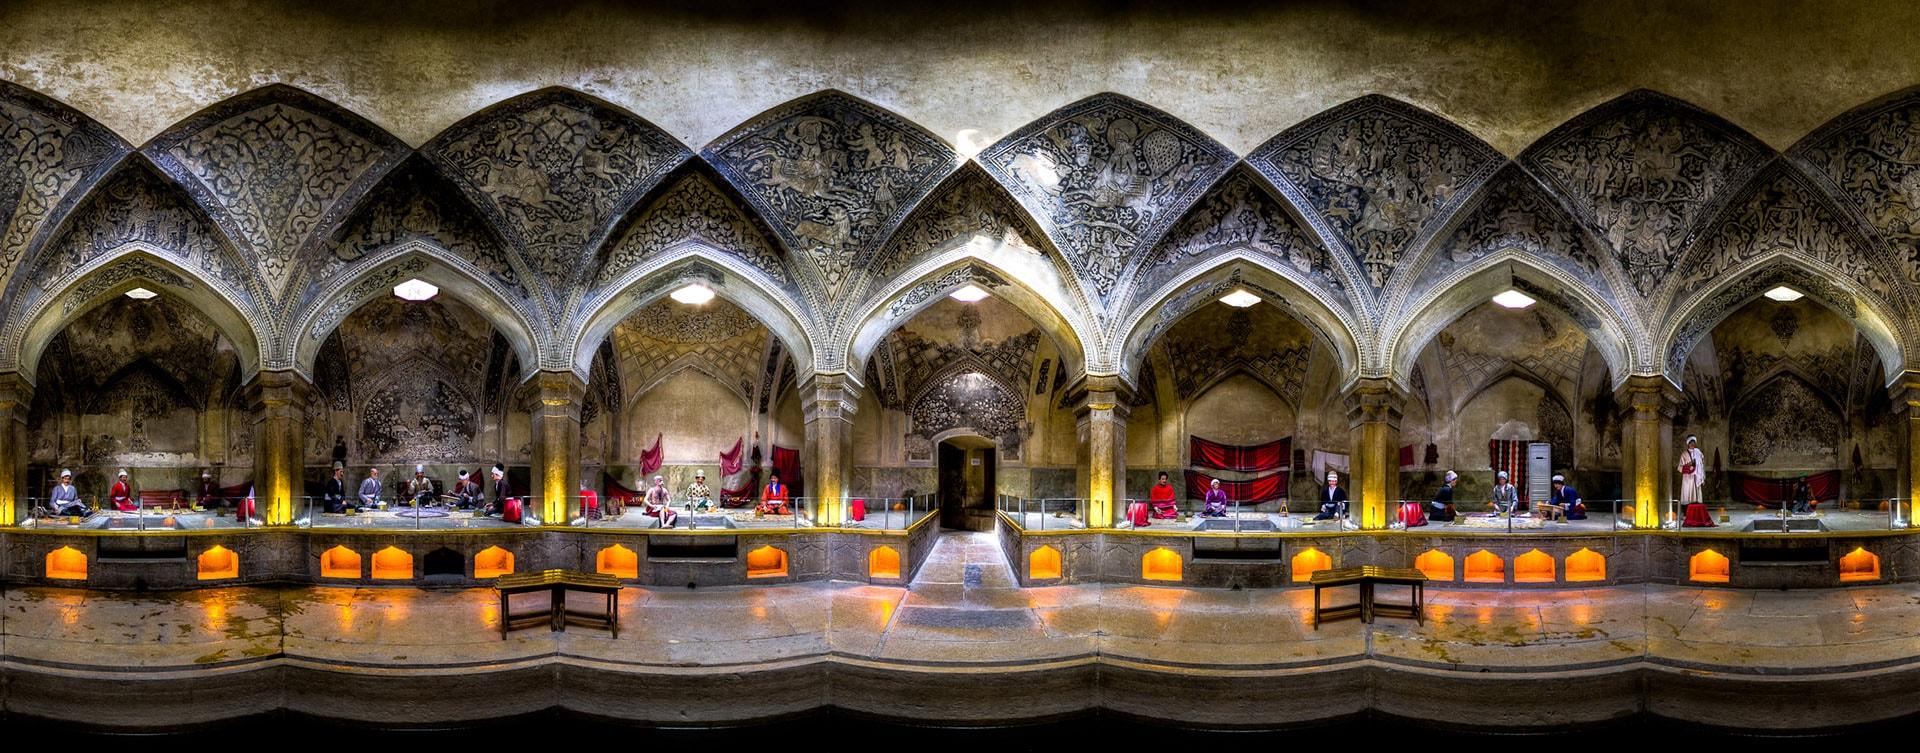 vAkil-Bath-Shiraz-min